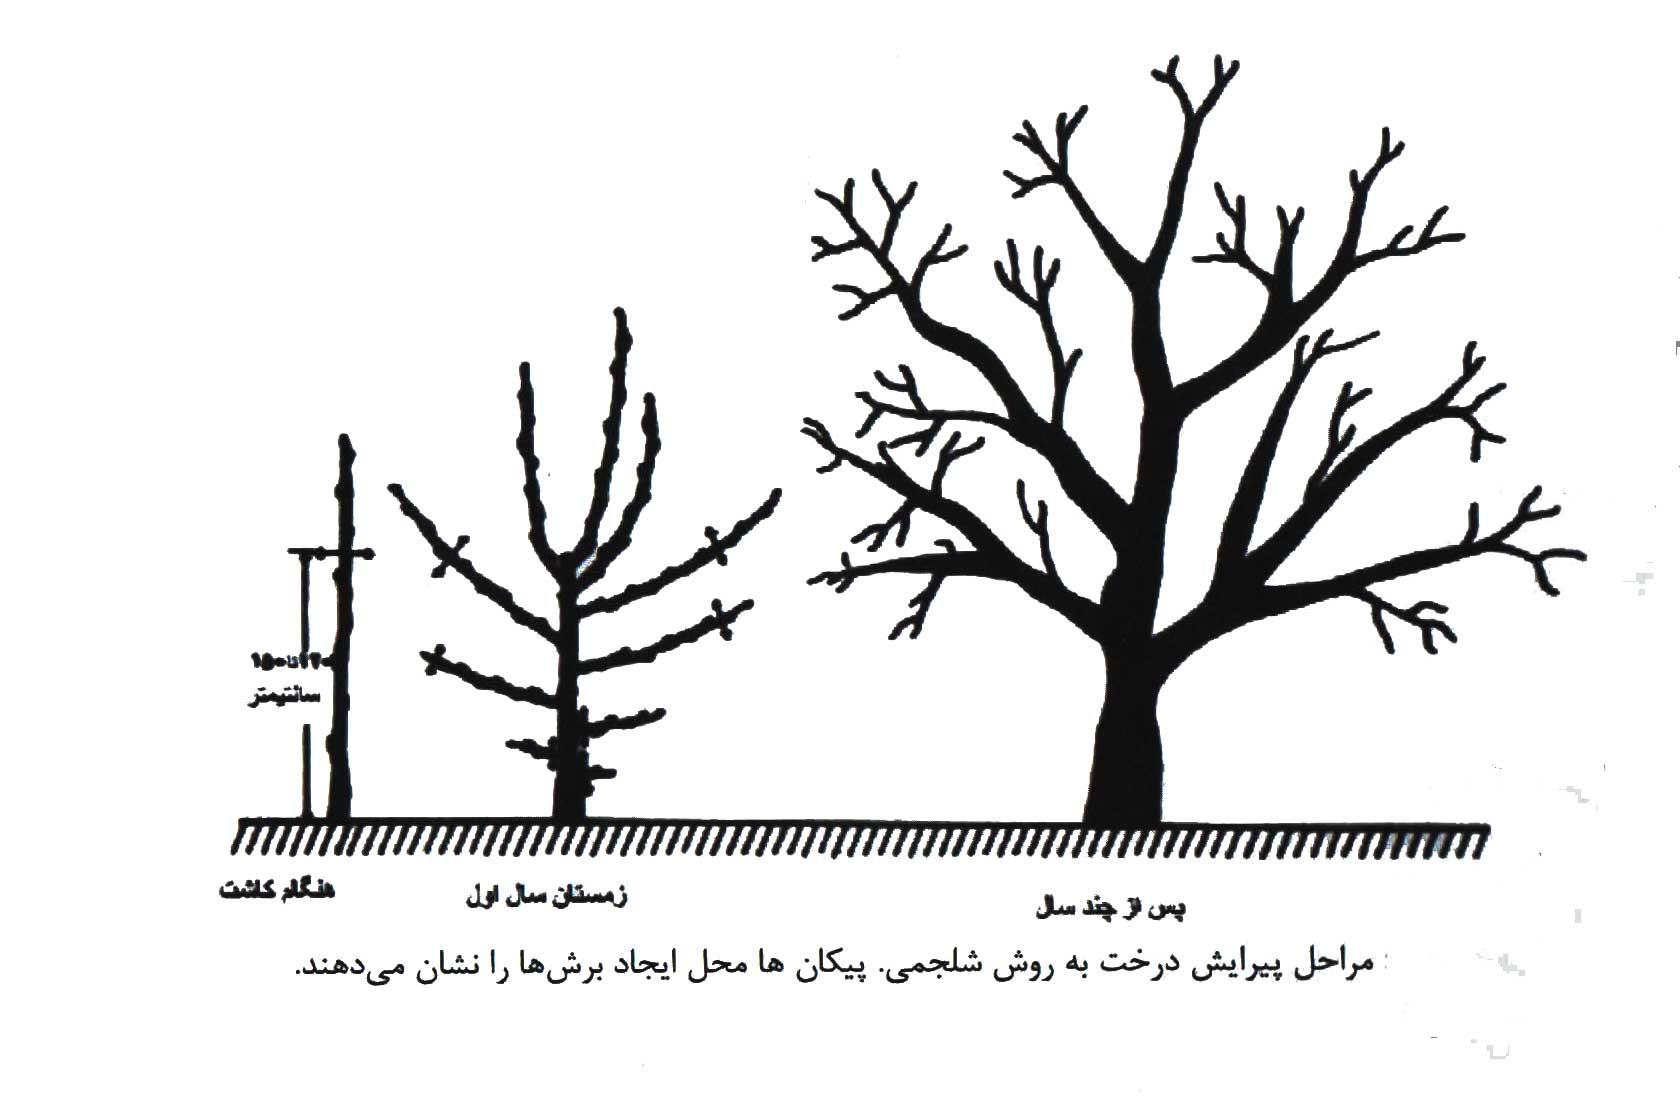 تصویر مراحل هرس درخت به روش شلجمی